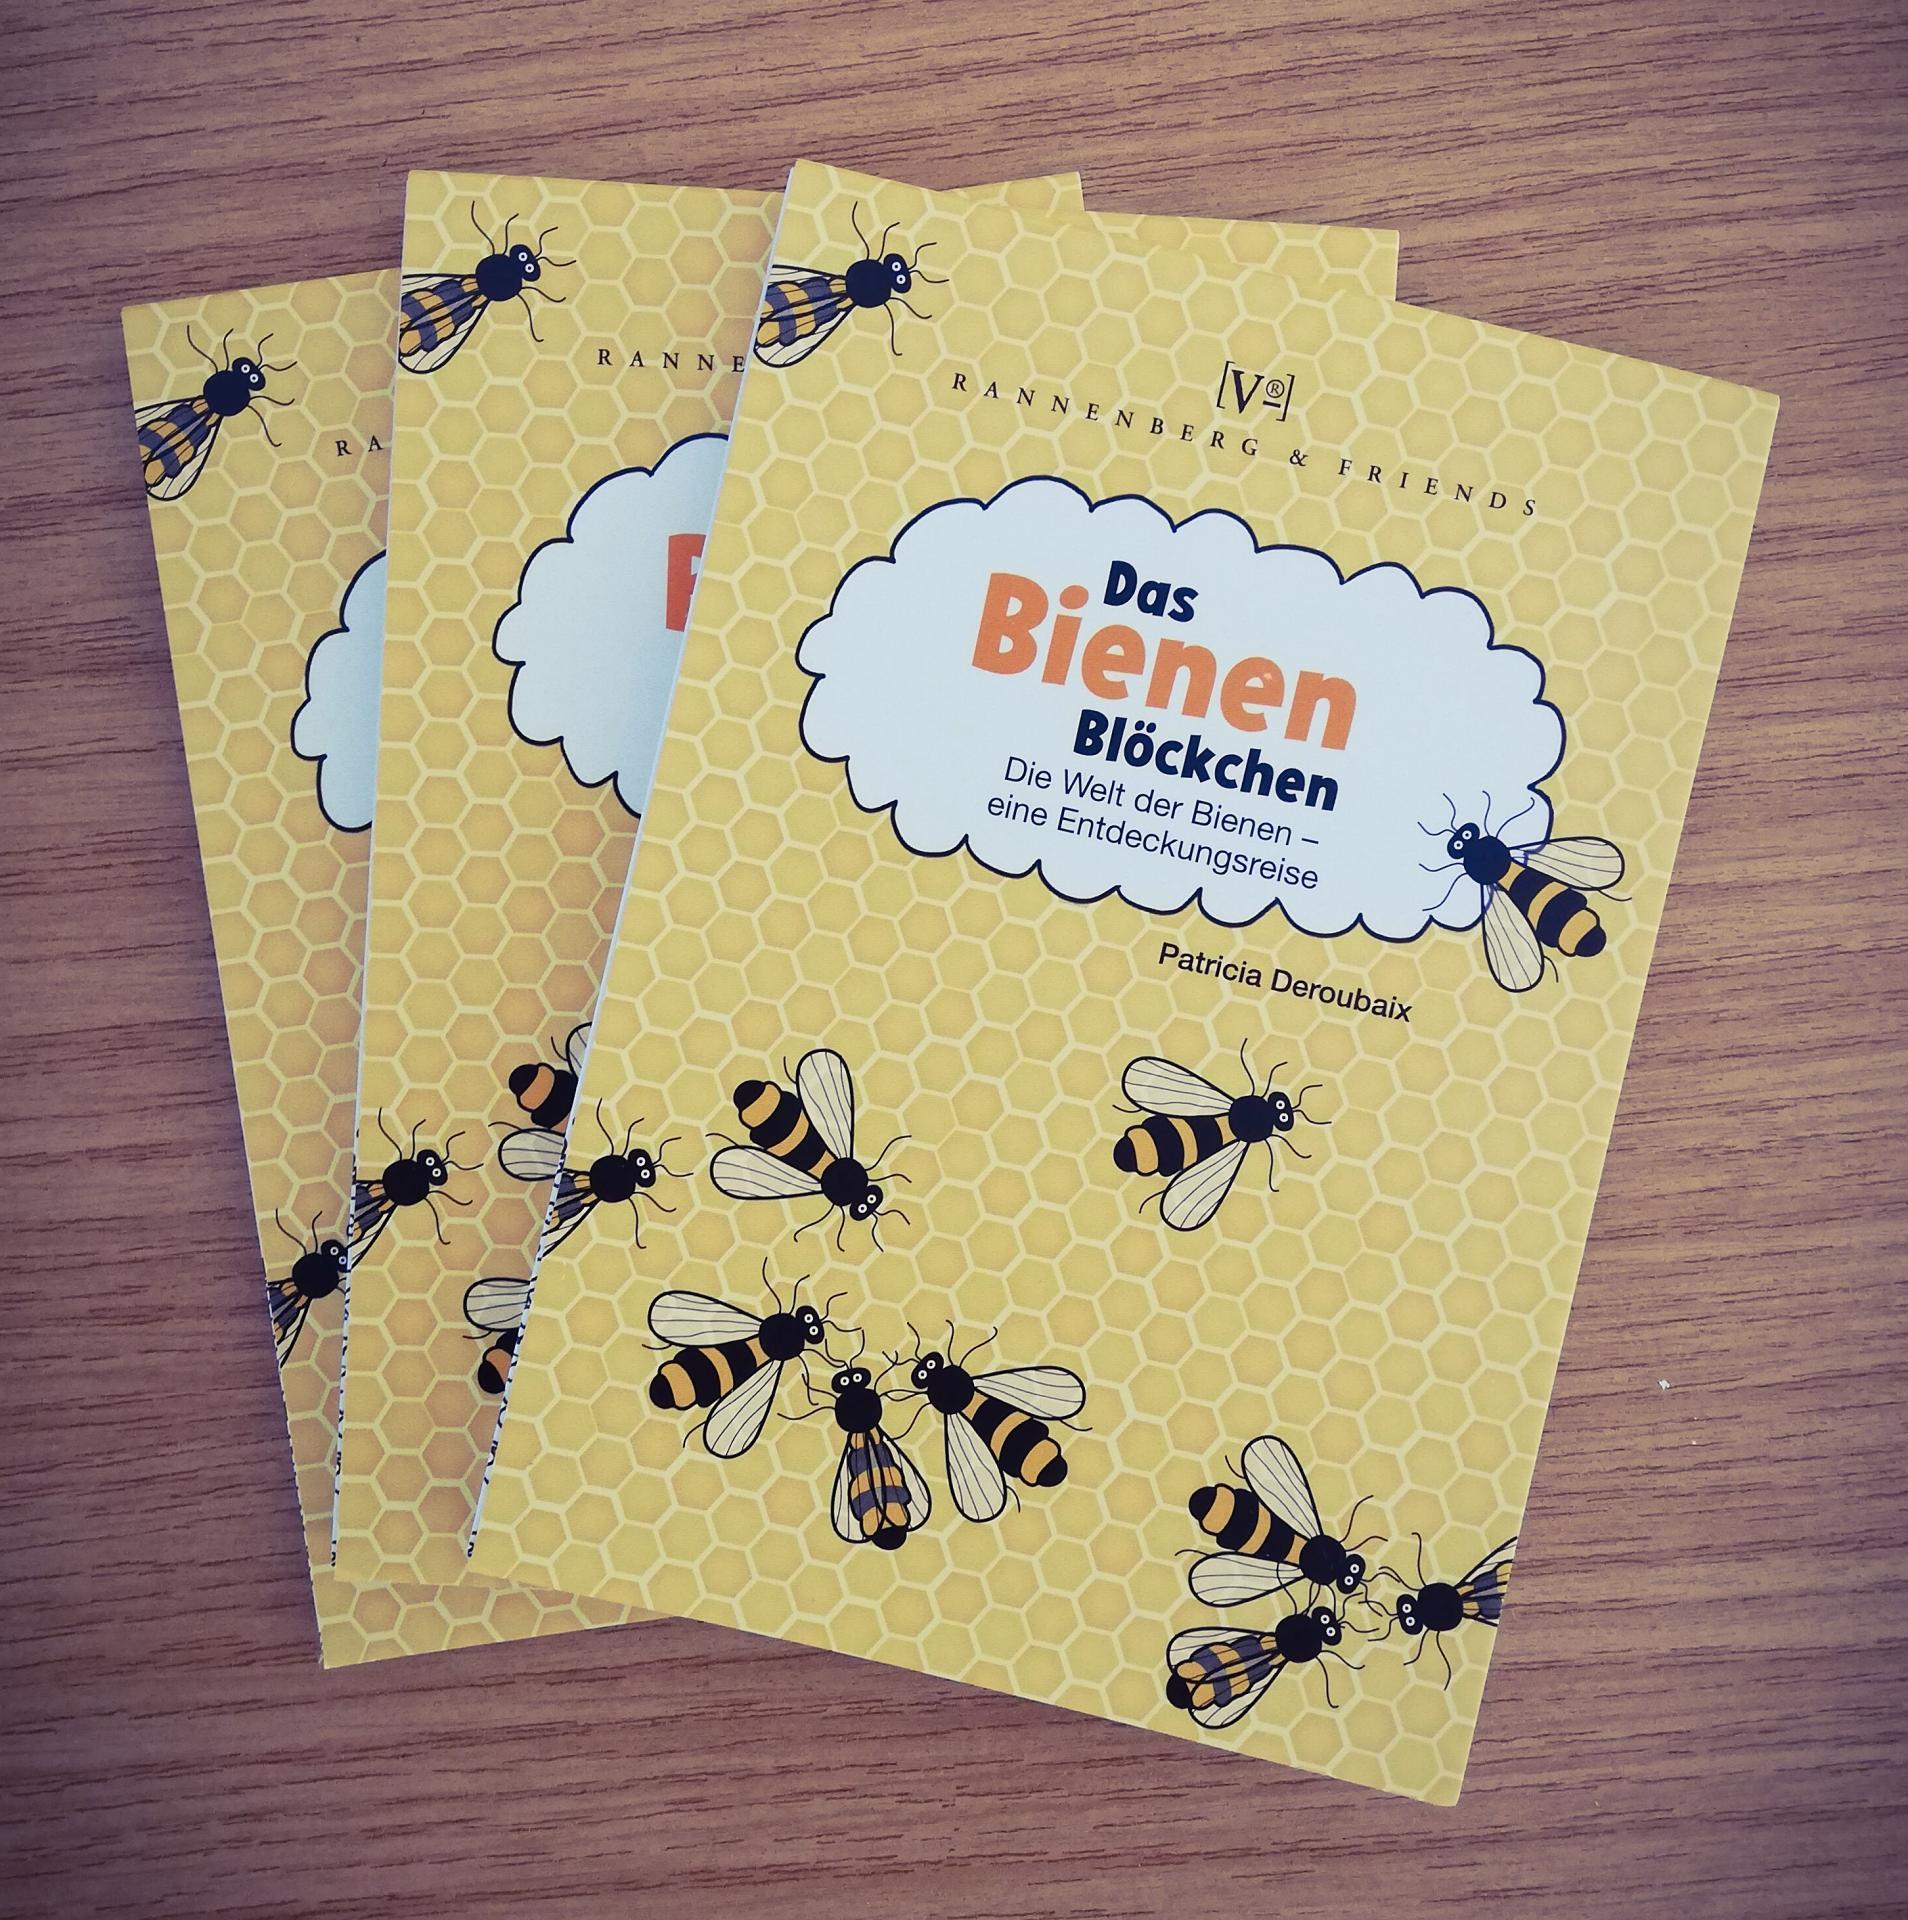 Bienenblöckchen